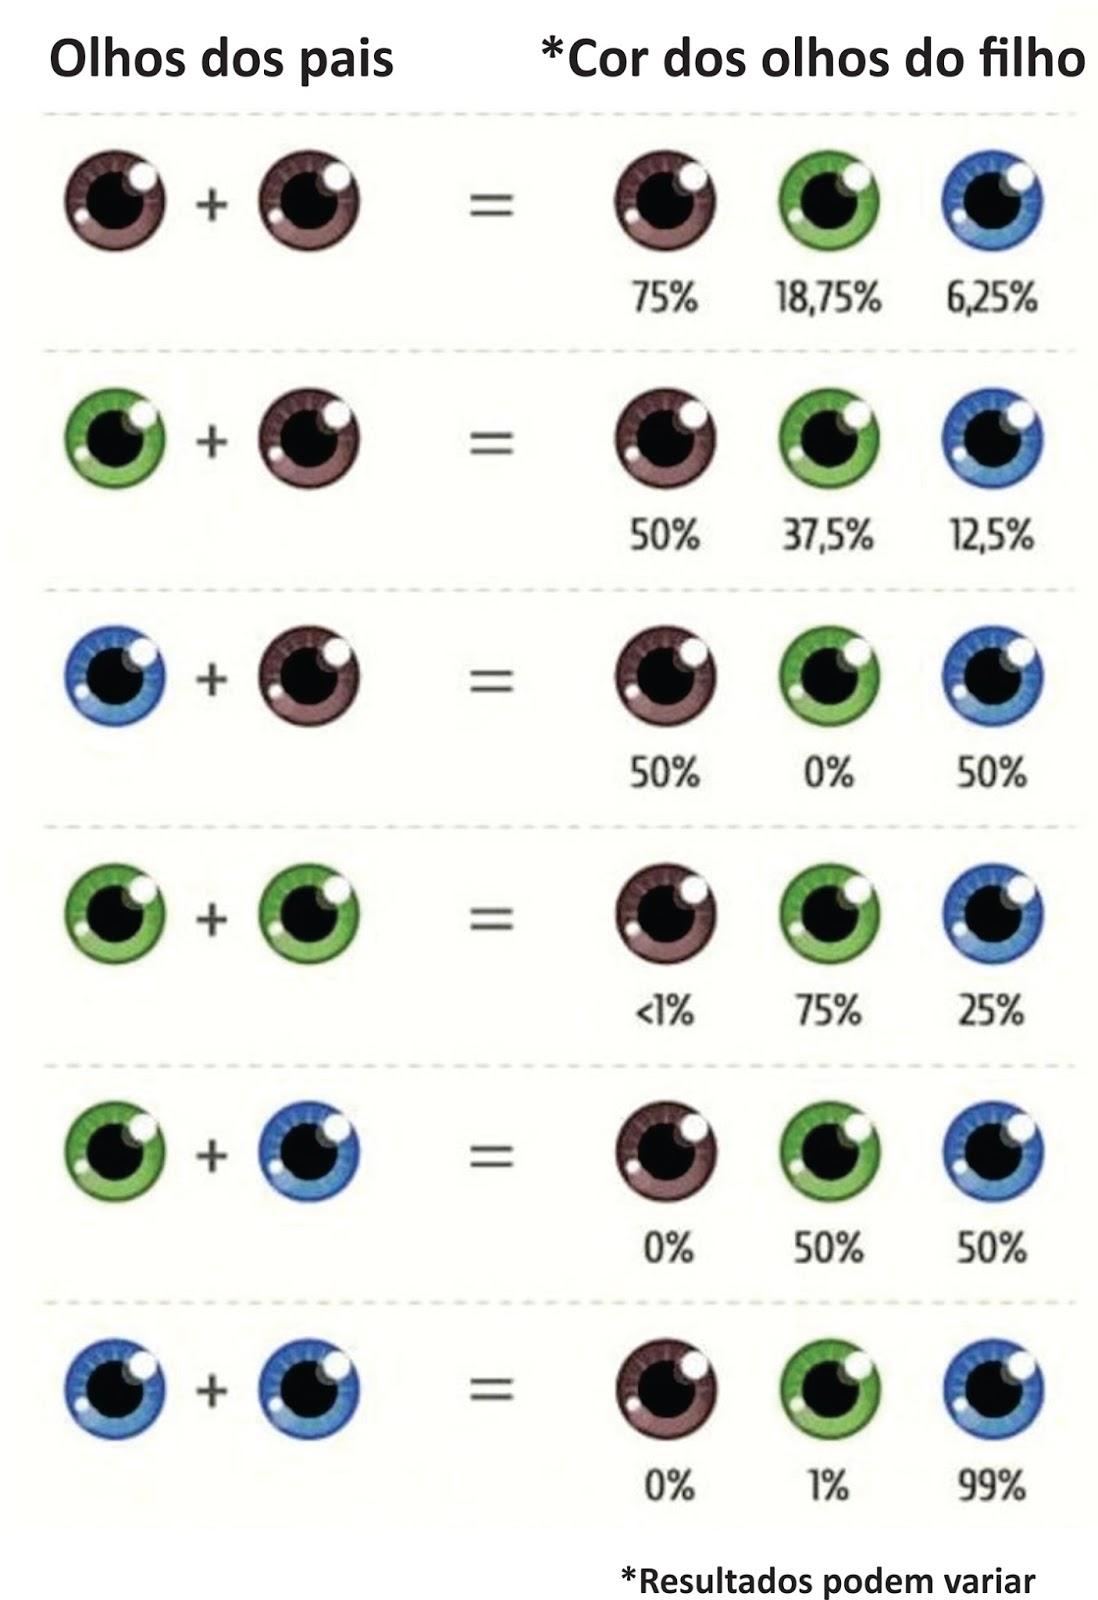 cor dos olhos formas corporais altura peso cabelos e personalidade uma quest o gen tica. Black Bedroom Furniture Sets. Home Design Ideas